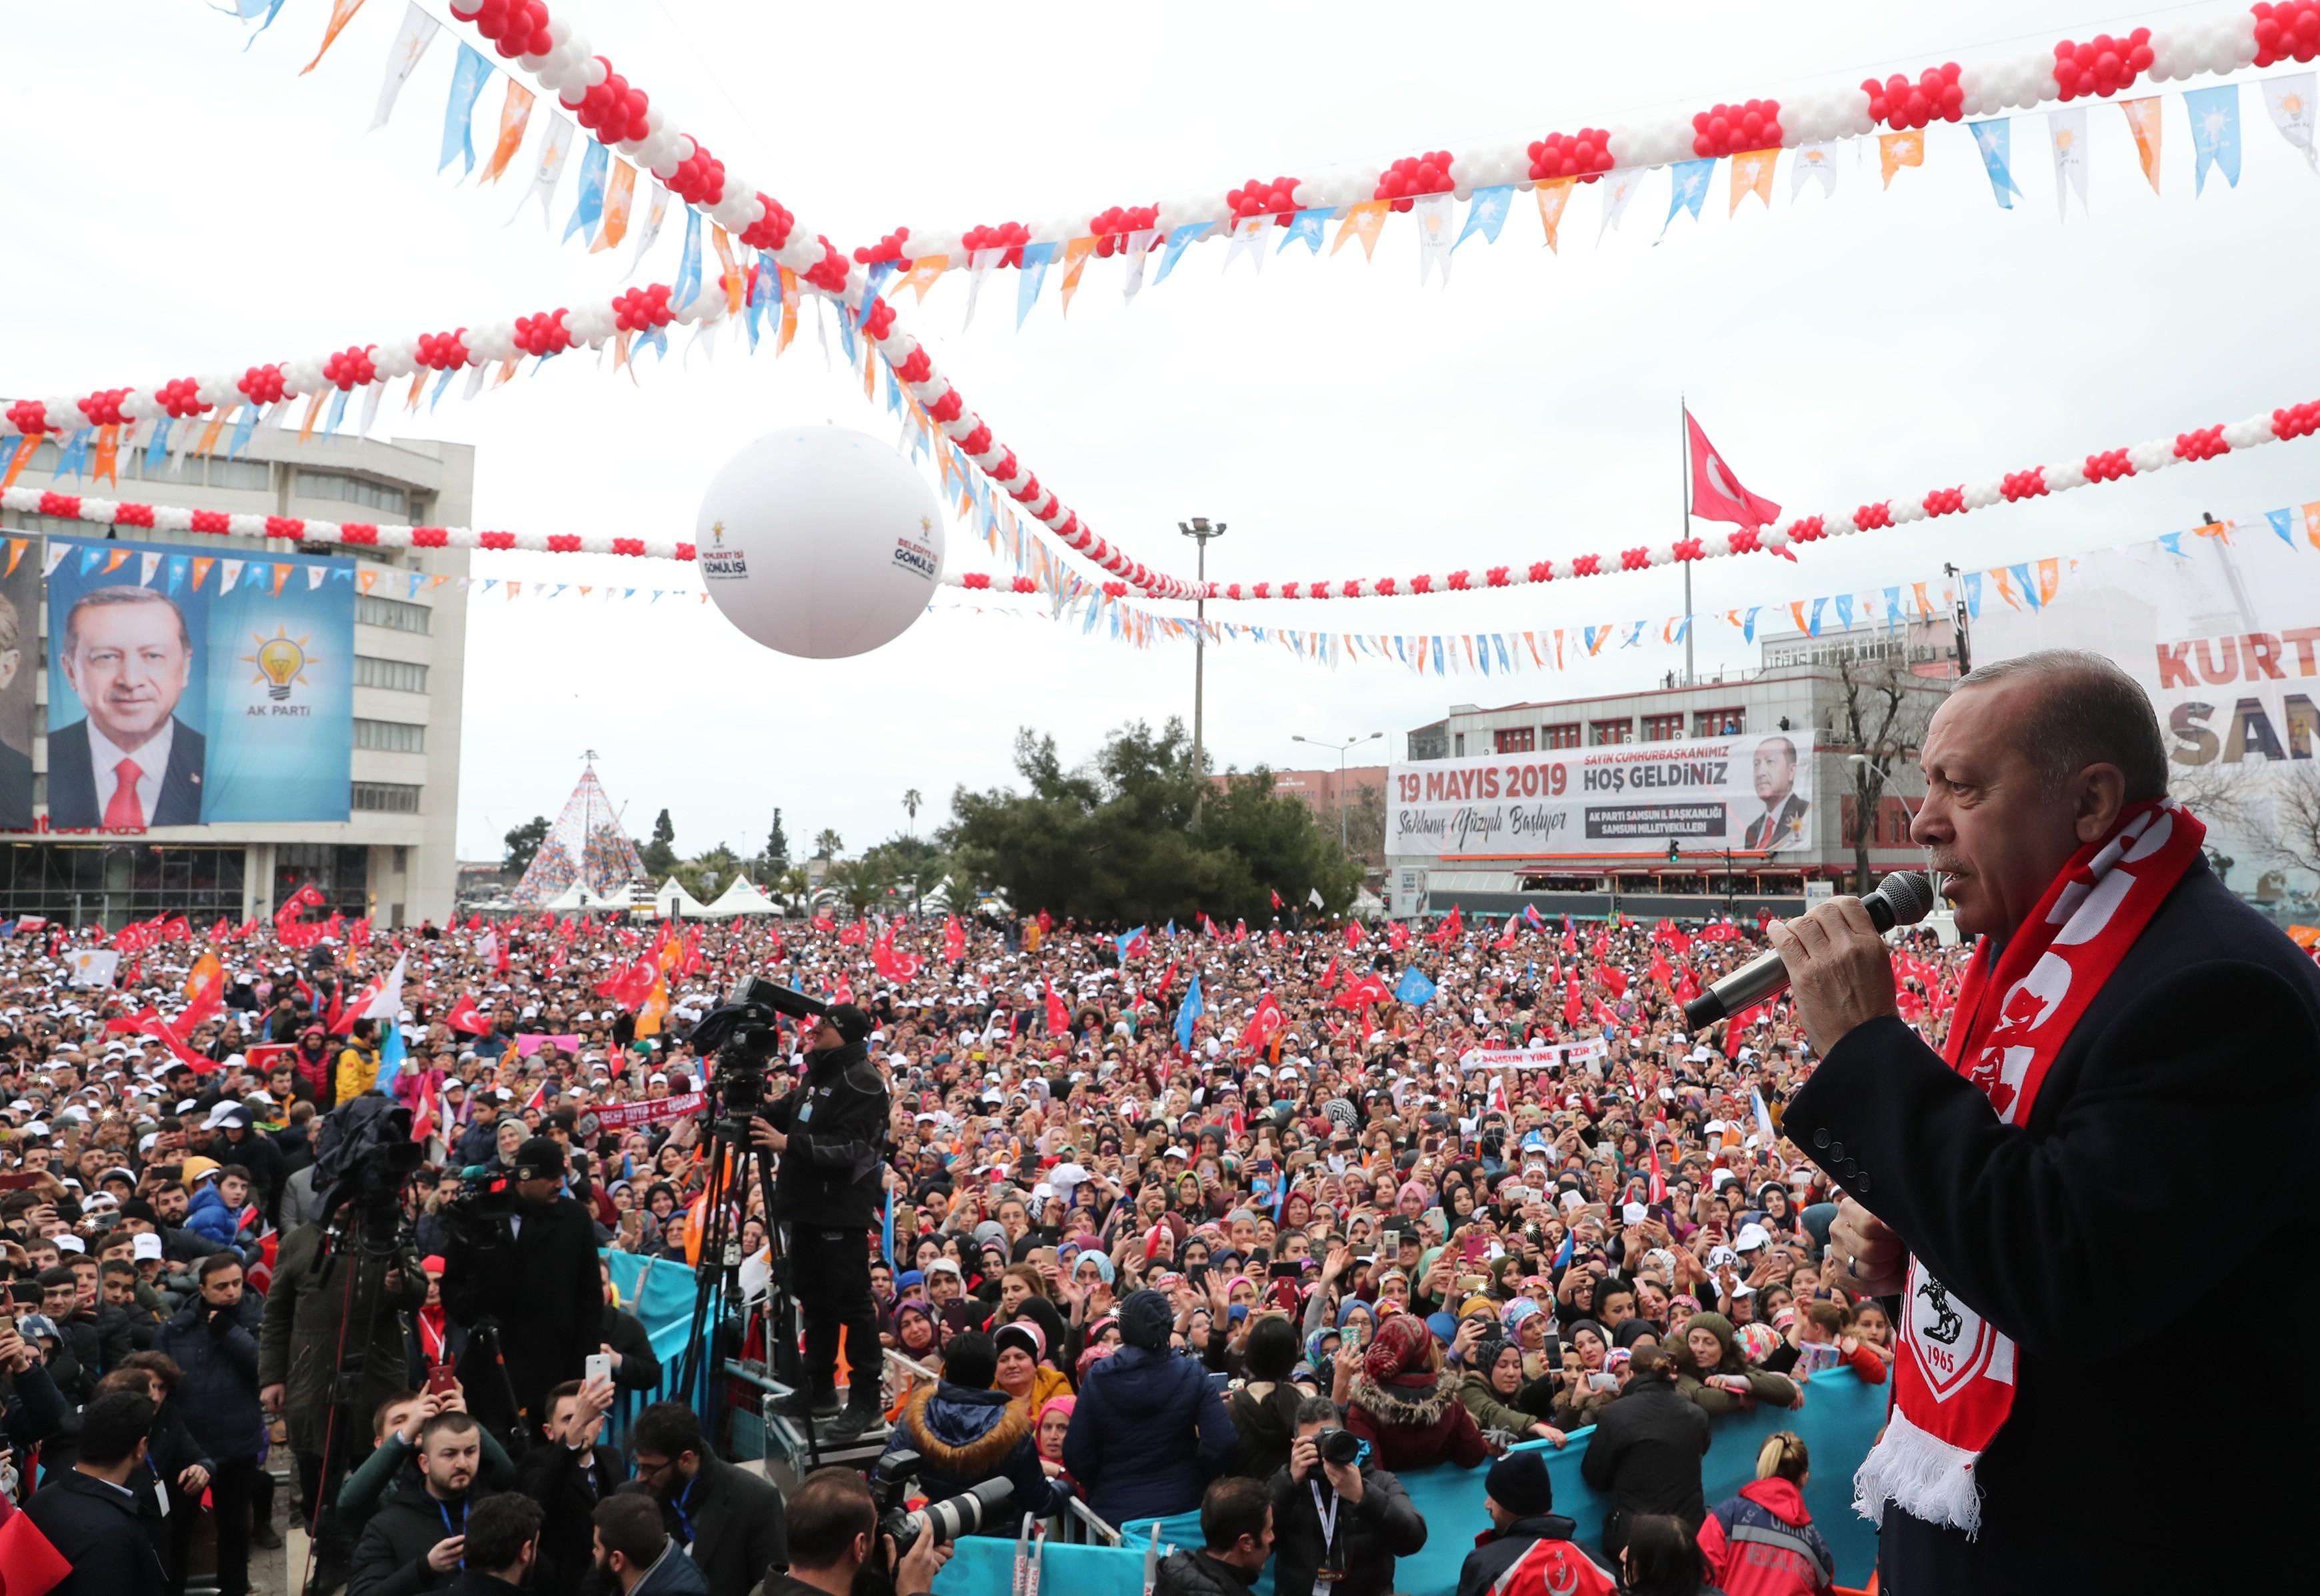 """Cumhurbaşkanı Erdoğan: """"Bizim için anketçilerin değil milletin sözü önemlidir"""""""